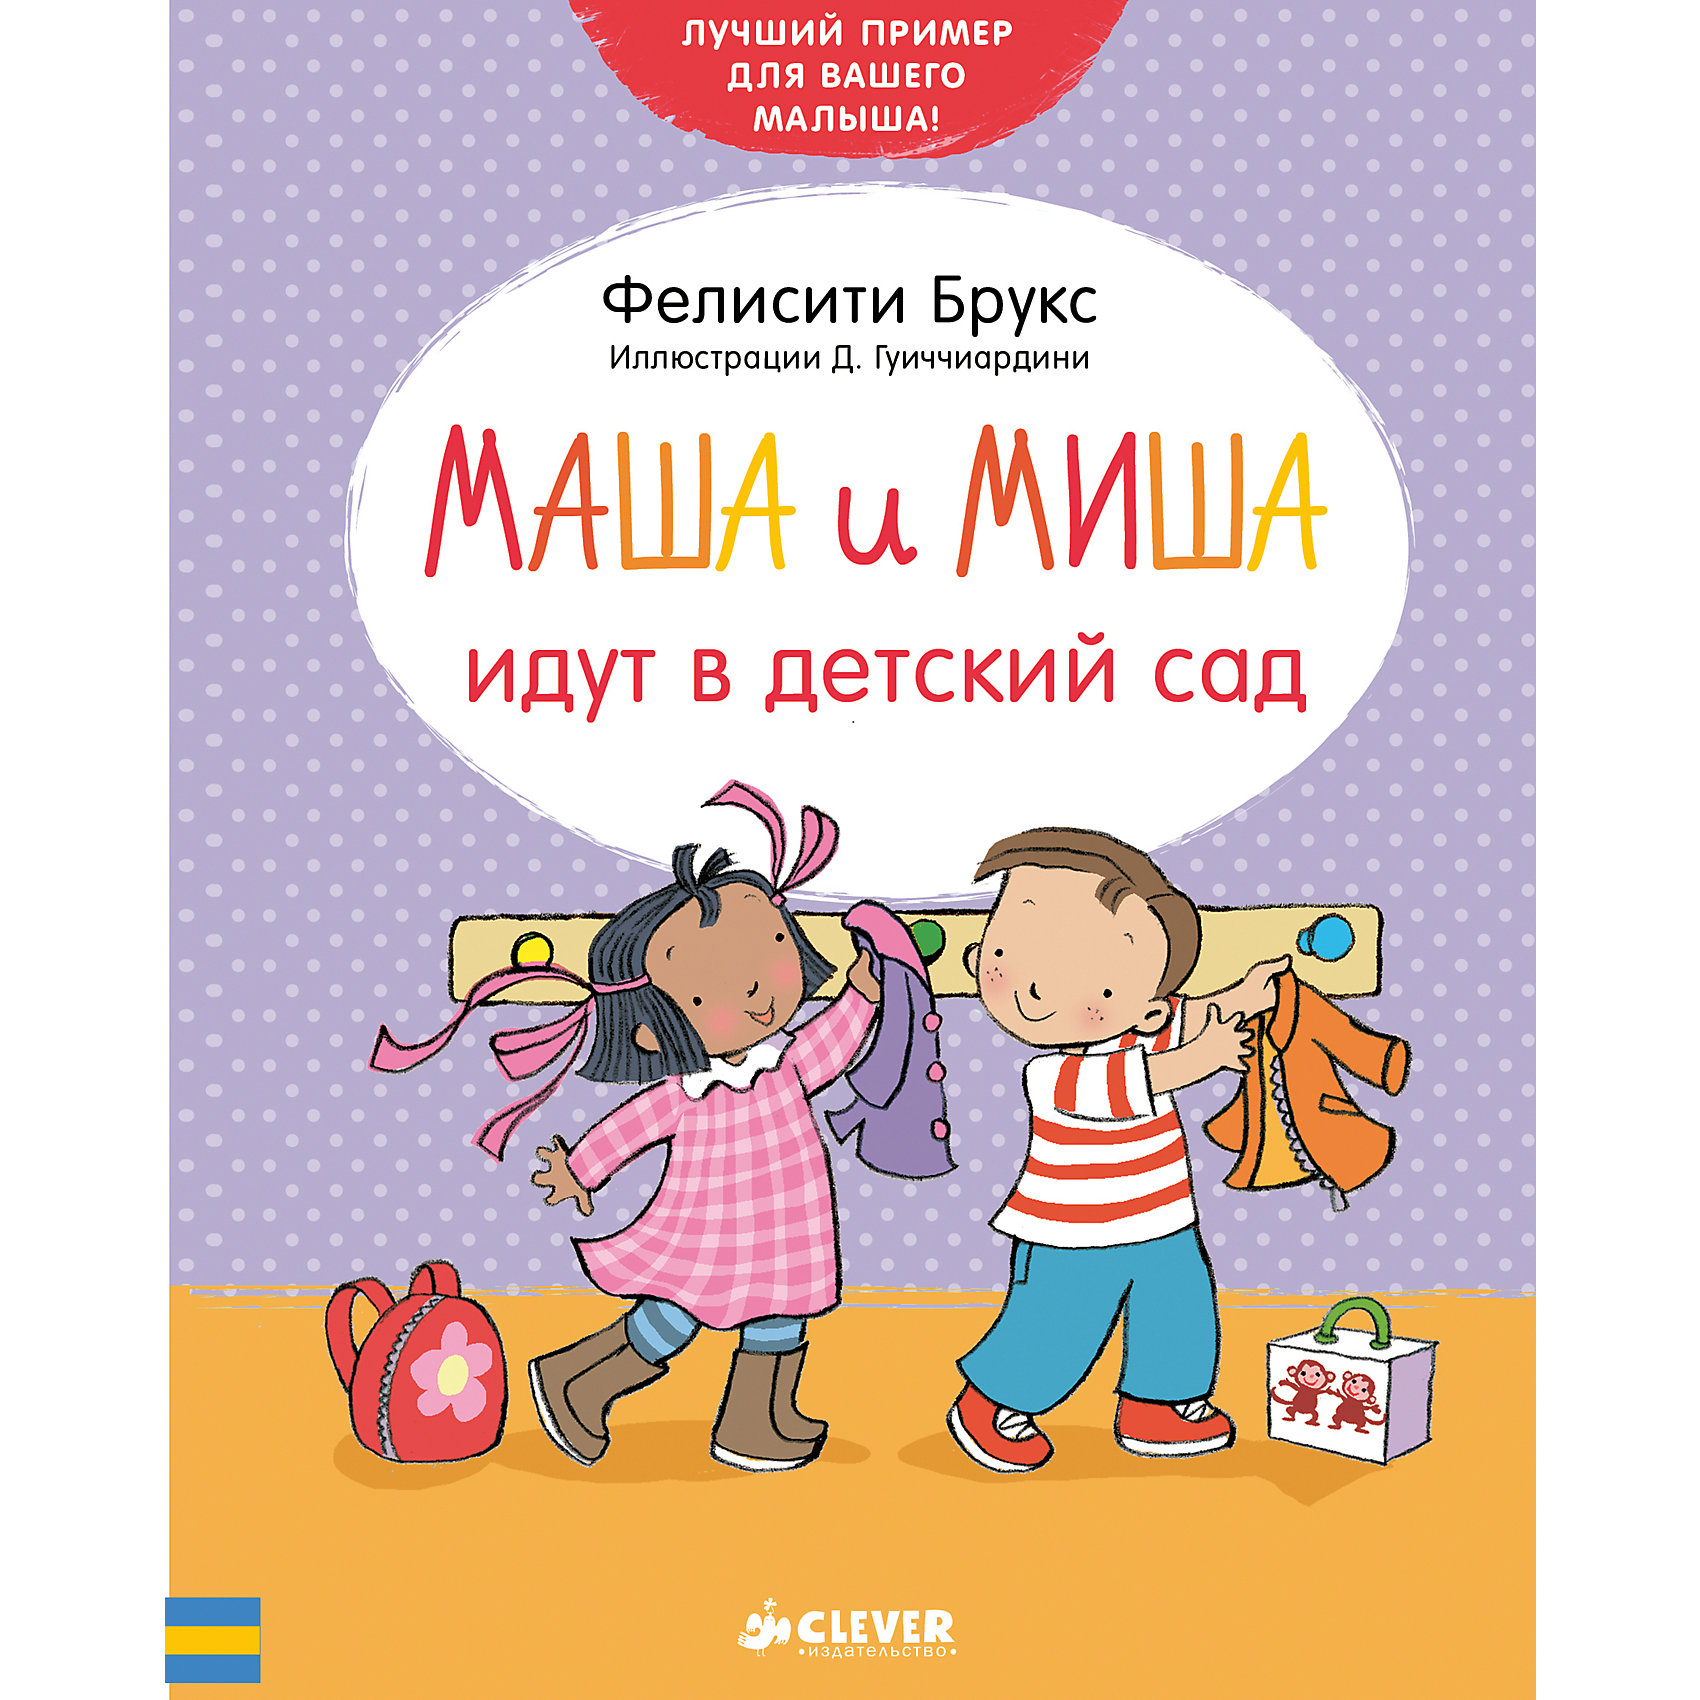 Маша и Миша идут в детский сад, Ф. БруксCLEVER (КЛЕВЕР)<br>Маша и Миша идут в детский сад, Ф. Брукс<br><br>Характеристики:<br><br>• ISBN: 978-5-906899-11-8<br>• Кол-во страниц:32<br>• Возраст: от 1 до 3 лет <br>• Формат: а4<br>• Размер книги: 196x158x9 мм<br>• Бумага: офсет<br>• Вес: 205 г<br>• Обложка: мягкая<br><br>Эта добрая книжка расскажет ребенку историю о двух веселых друзьях – Маше и Мише, которые впервые пошли в детский сад. Читая эта книгу, дети смогут проассоциировать себя с персонажами истории и избавиться от страха перед целым днем в саду без родителей. Серия этих книг учит детей аккуратности и вежливости в понятной для малышей форме.<br><br>Маша и Миша идут в детский сад, Ф. Брукс можно купить в нашем интернет-магазине.<br><br>Ширина мм: 190<br>Глубина мм: 150<br>Высота мм: 8<br>Вес г: 205<br>Возраст от месяцев: 0<br>Возраст до месяцев: 36<br>Пол: Унисекс<br>Возраст: Детский<br>SKU: 5377815